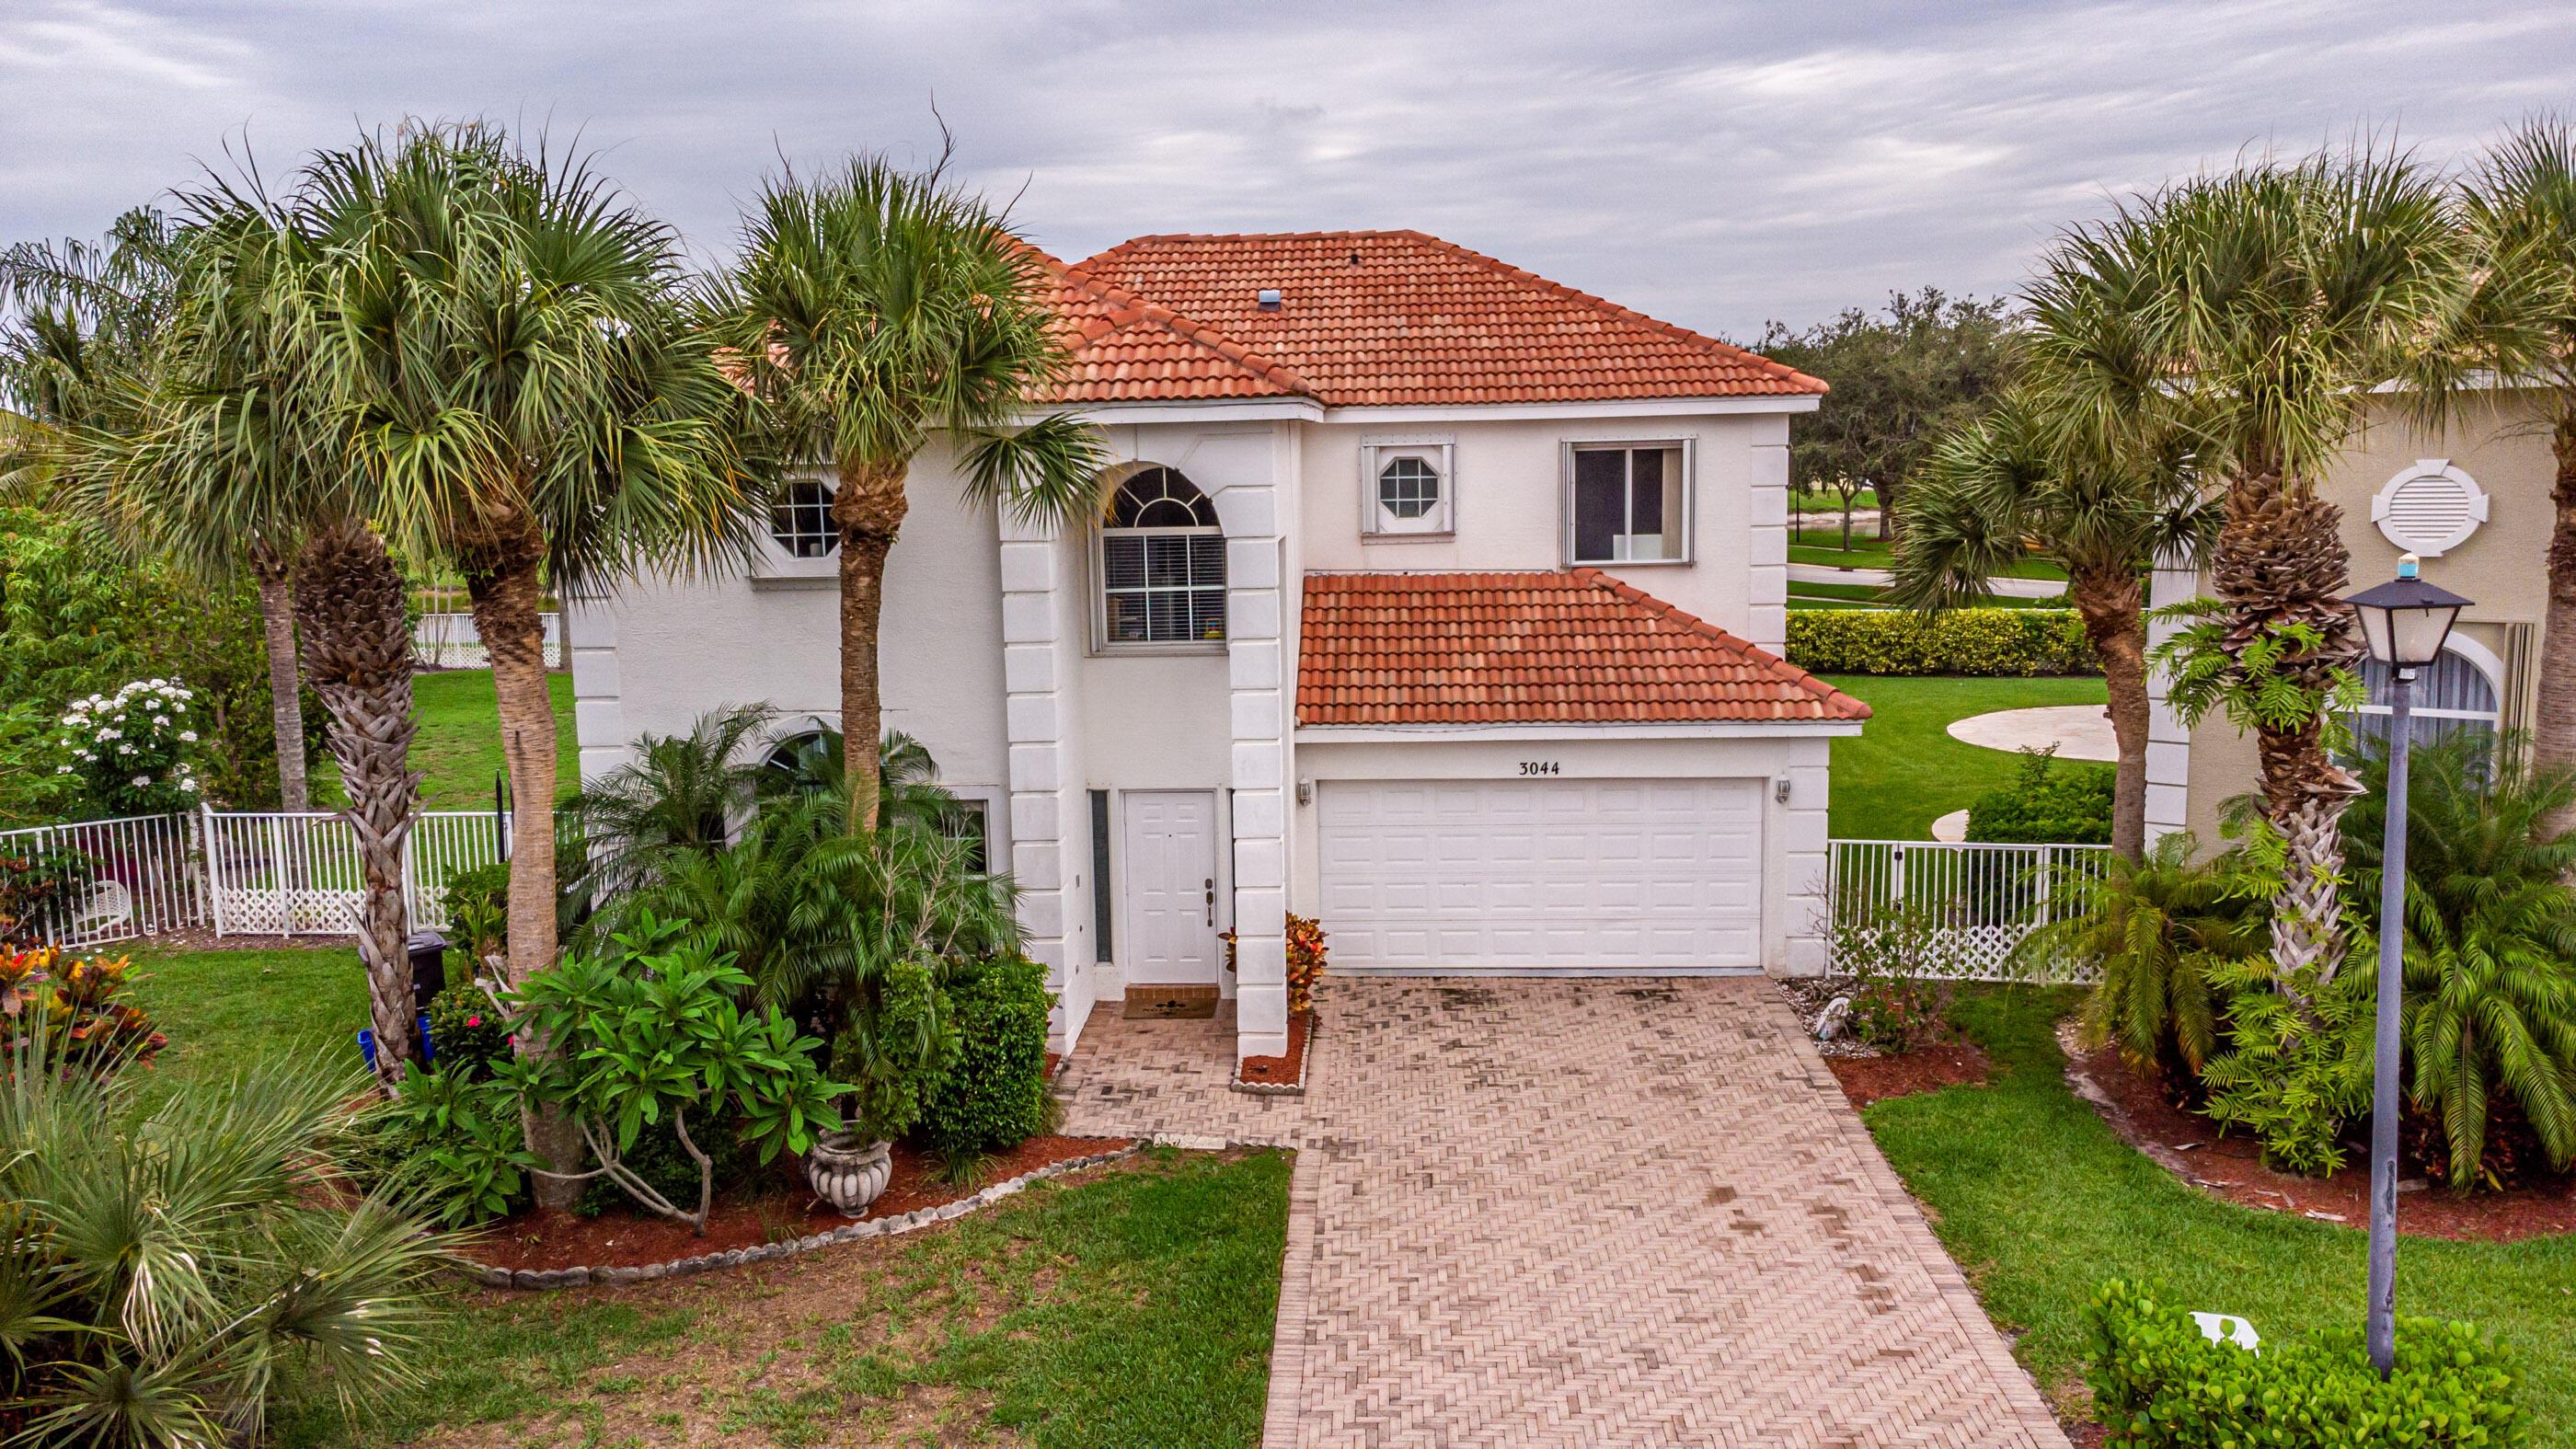 3044 Marbella Court, West Palm Beach, FL 33409